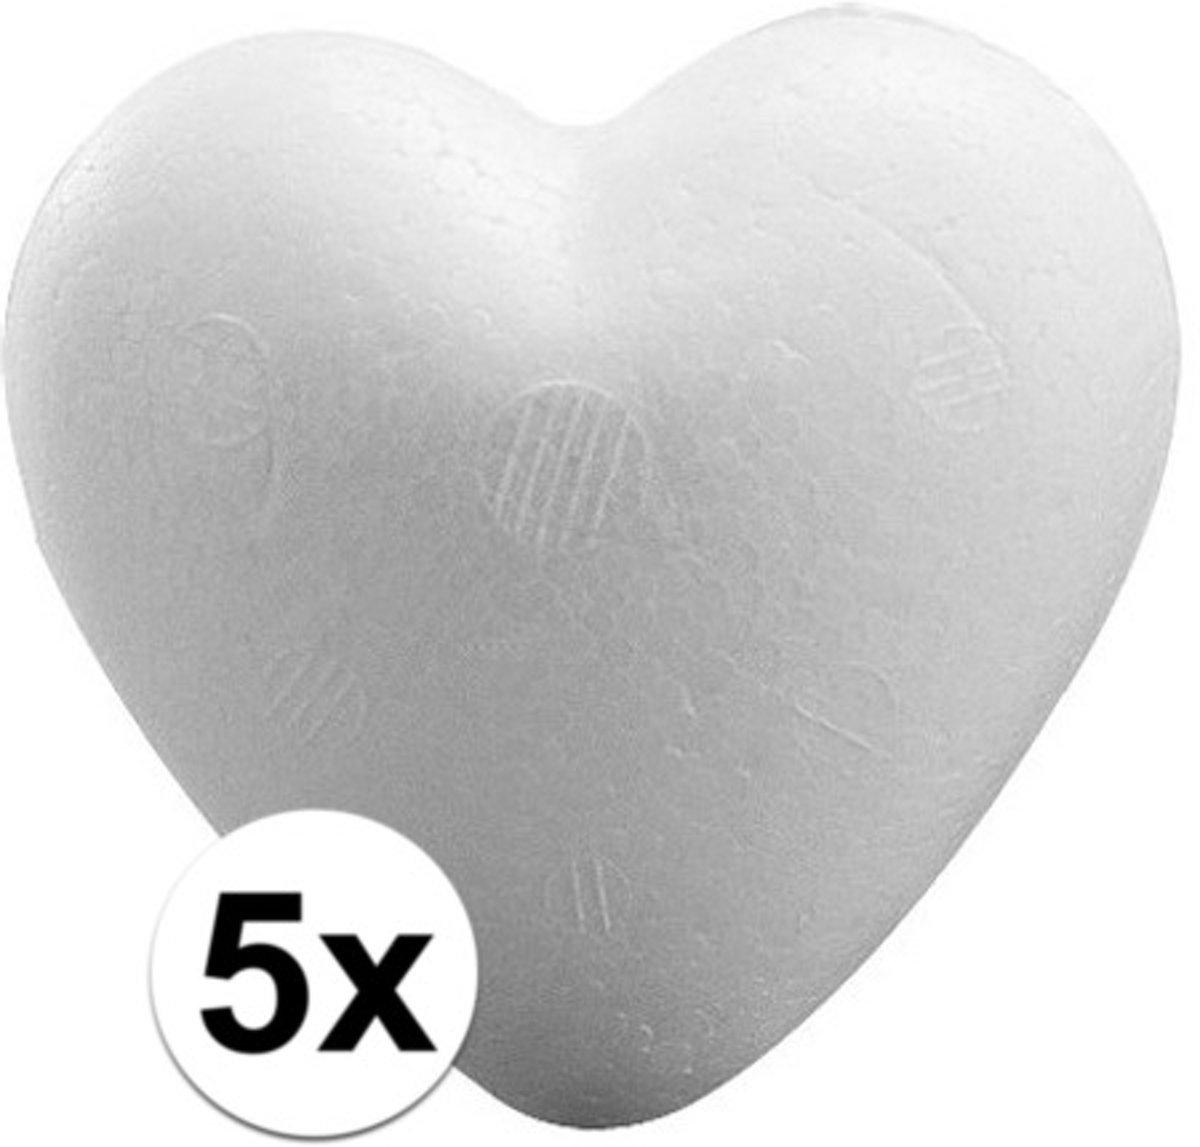 5 stuks Piepschuim harten 9 cm - Styropor vormen kopen